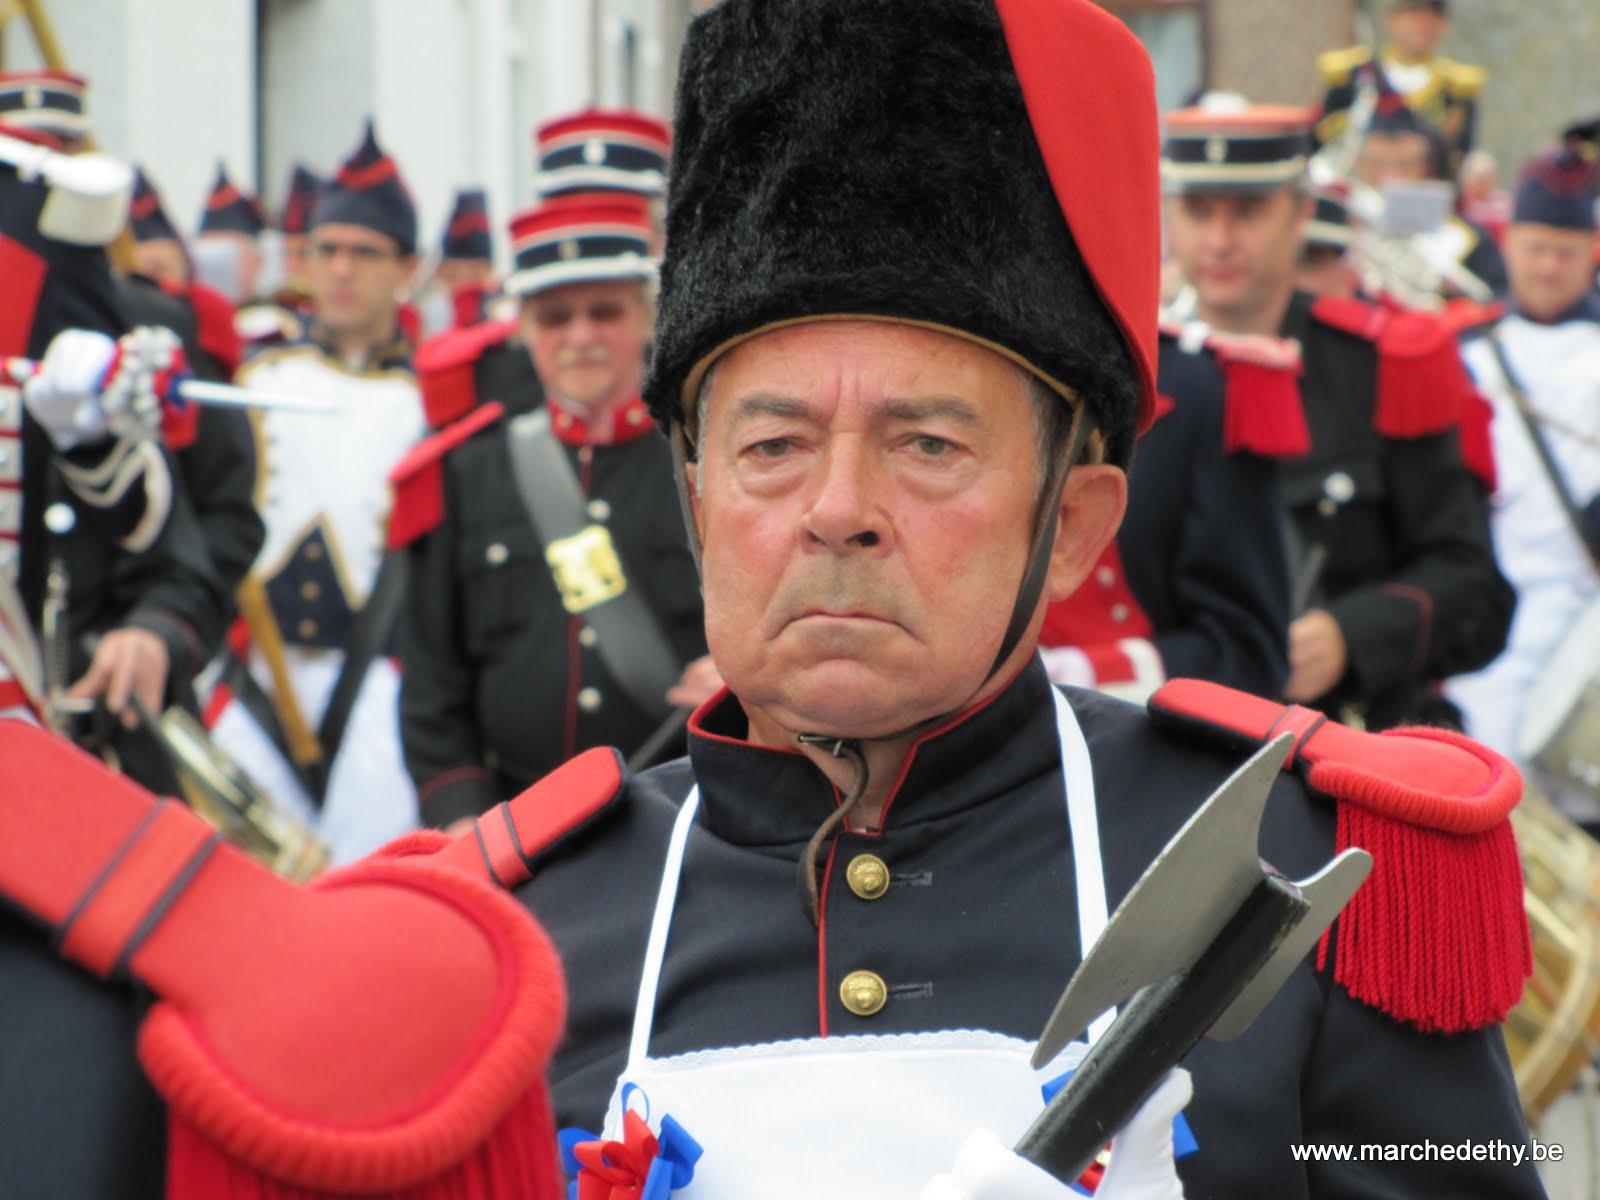 Clément LORGE